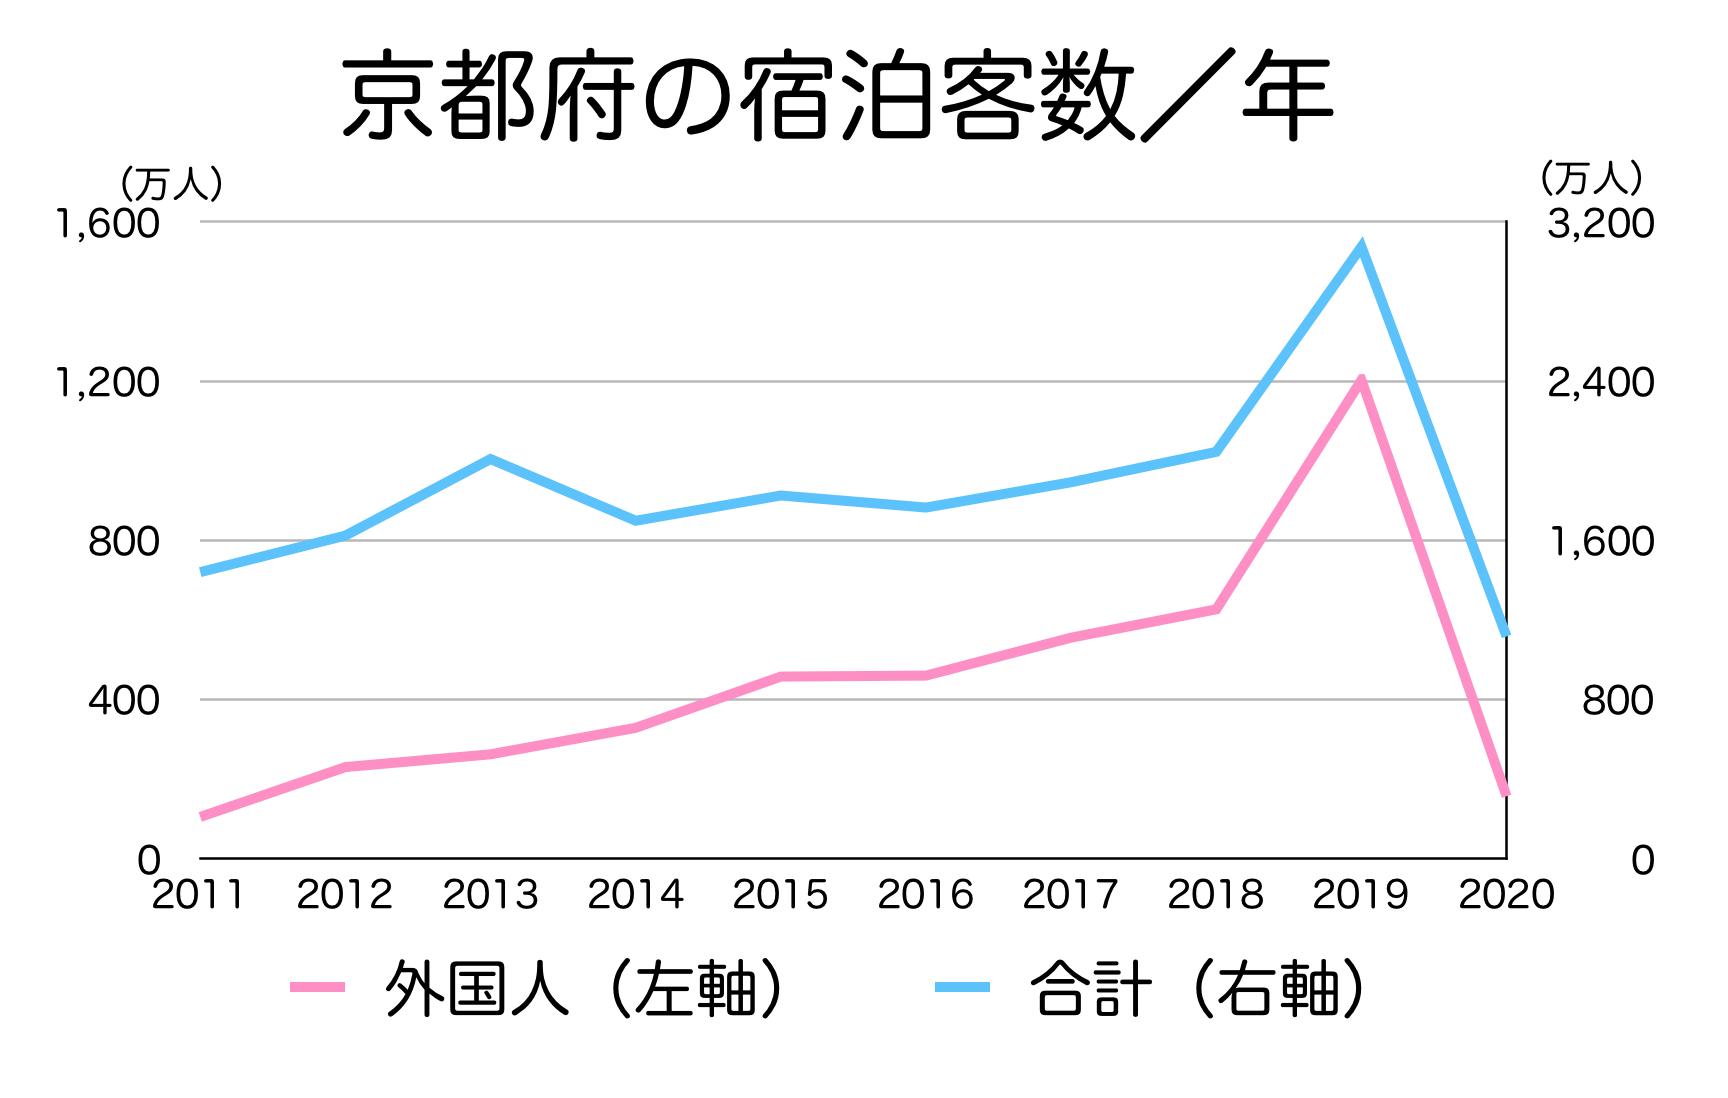 京都府の宿泊客数の推移